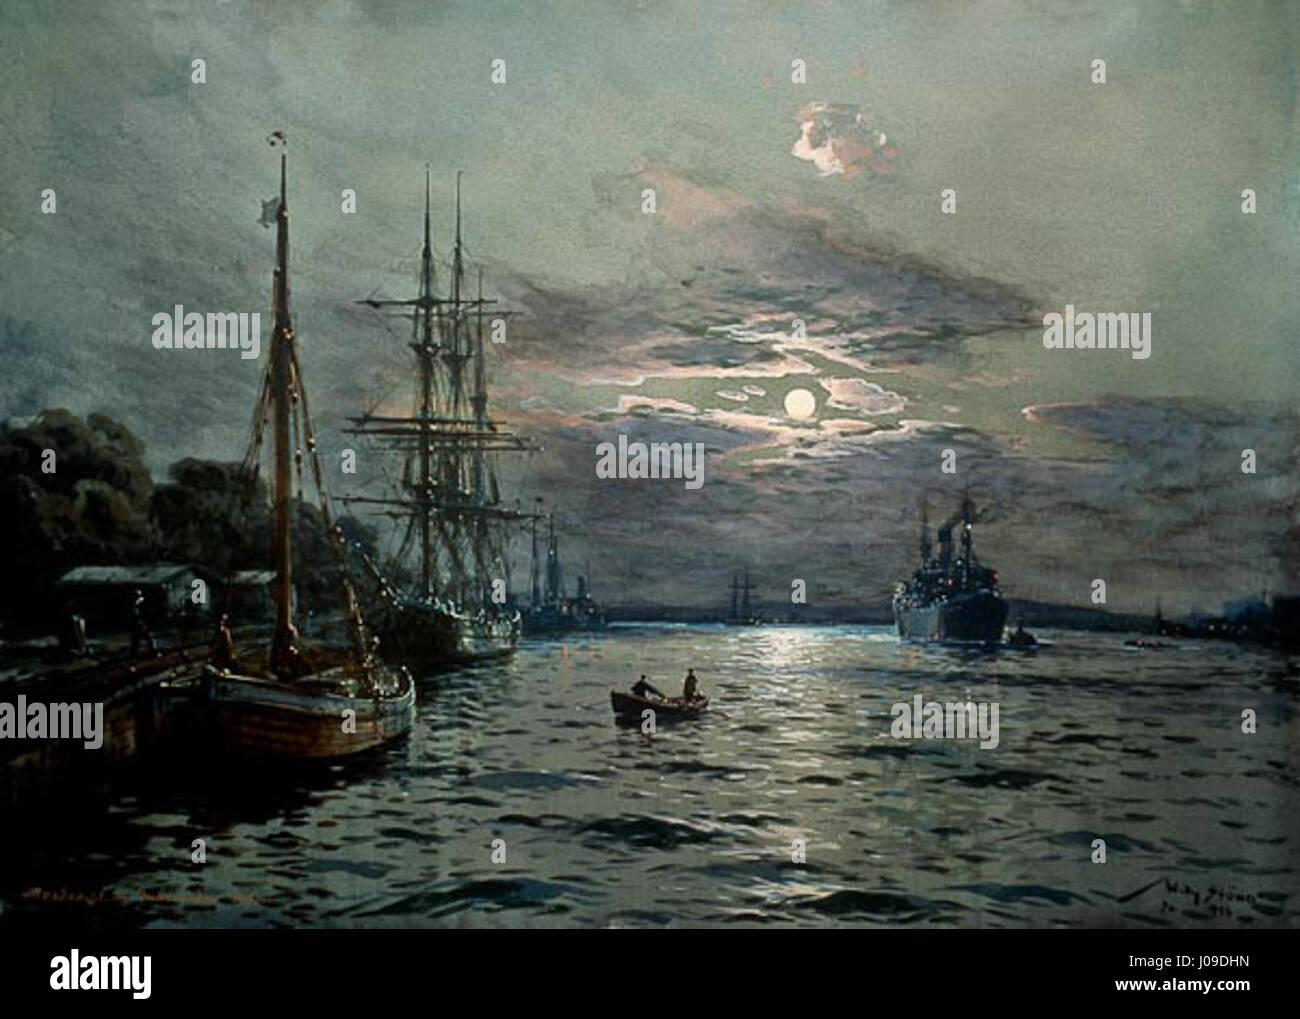 Willy Stöwer - Mondnacht im Hafen von Swinemünde Stock Photo